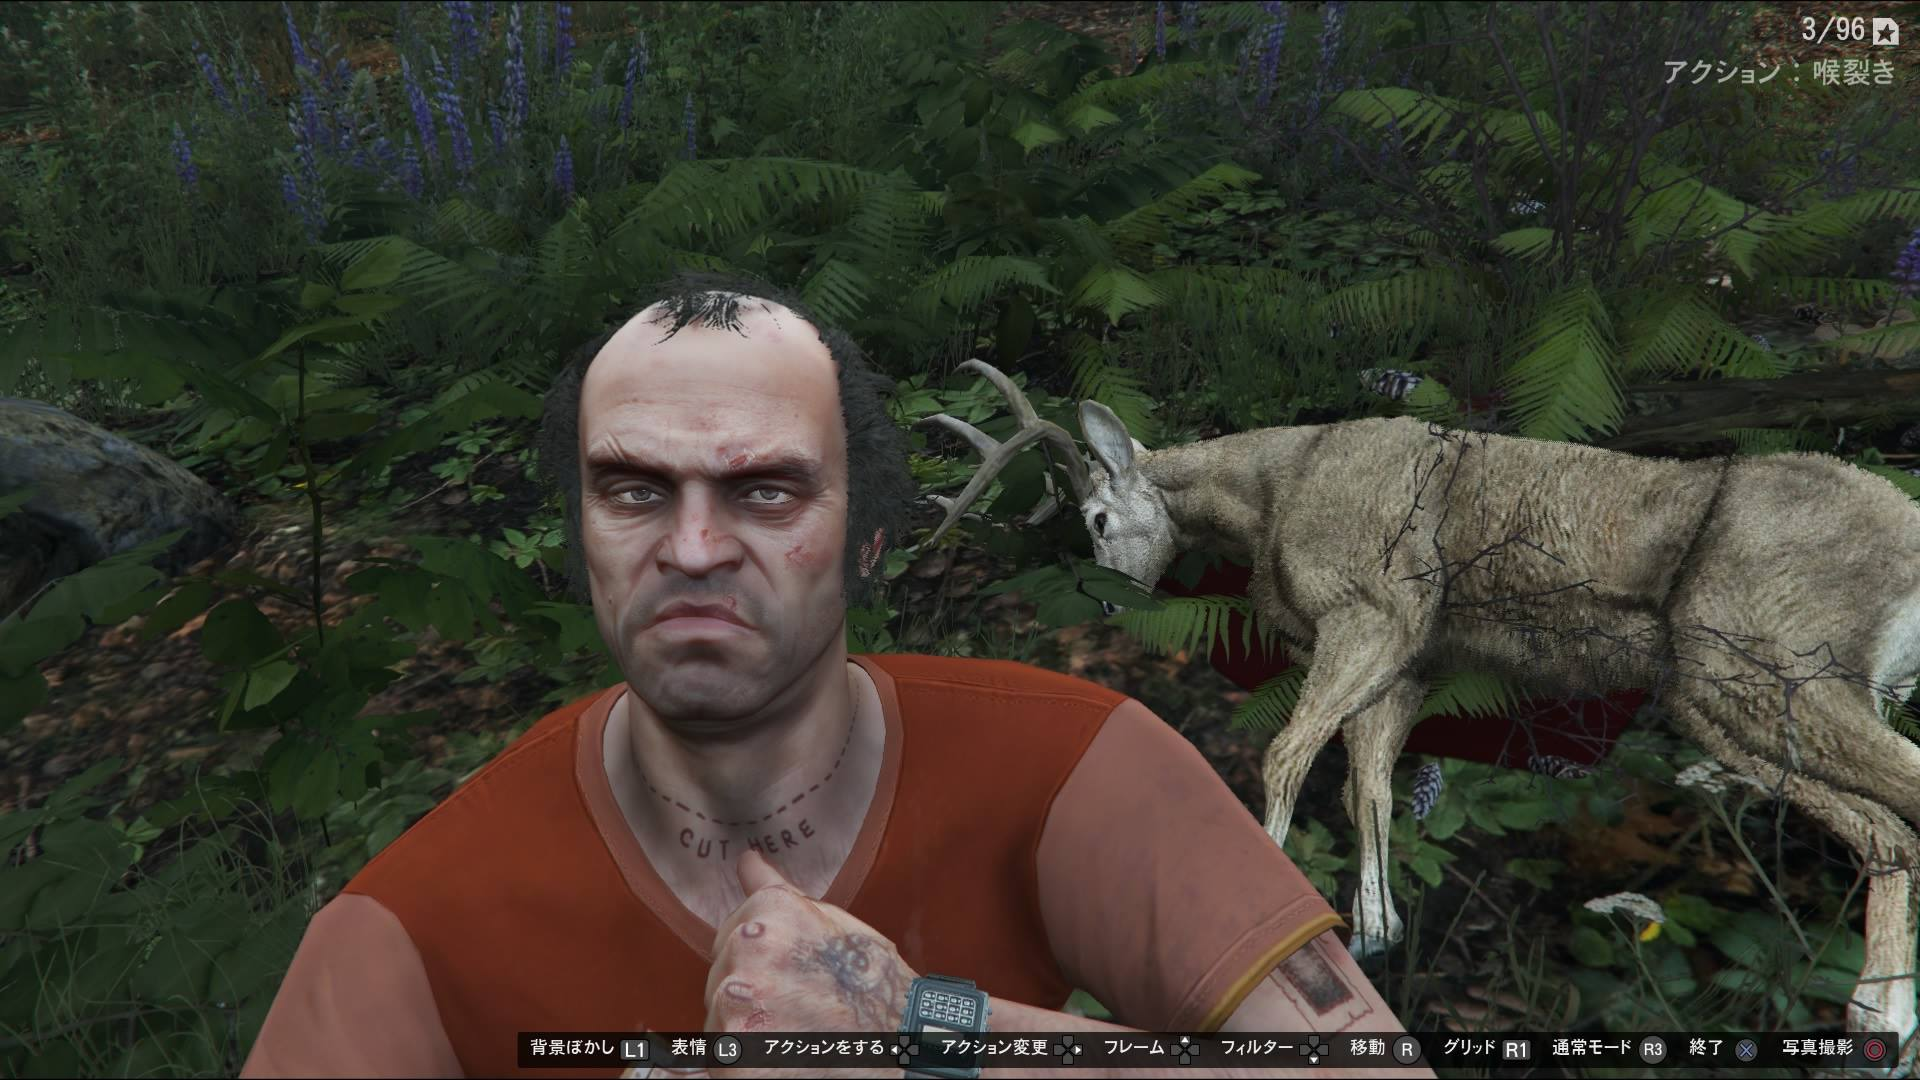 トレバーさん 鹿ゲット